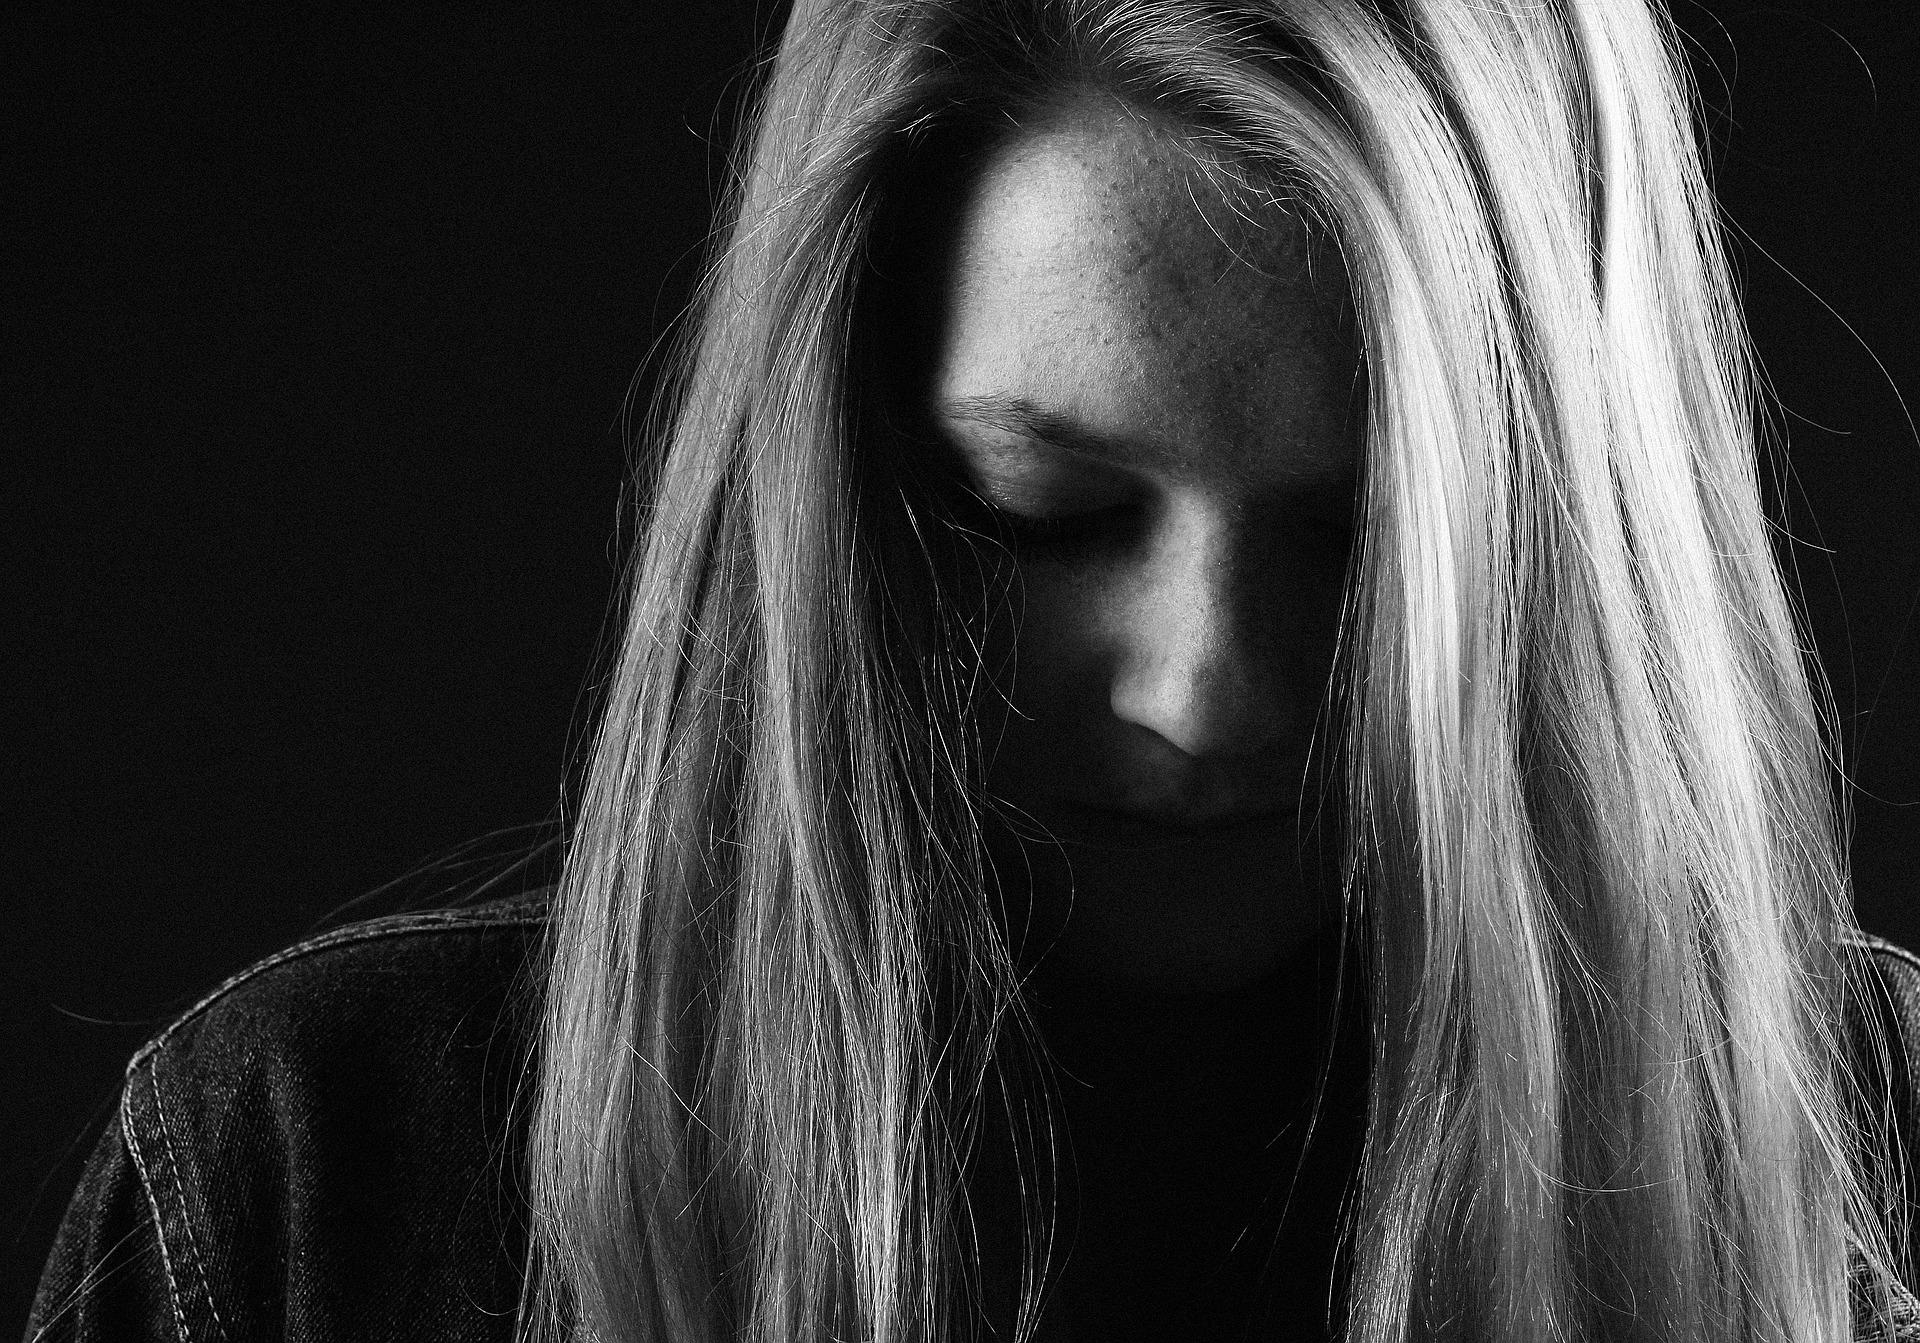 señales de alarma de suicidio